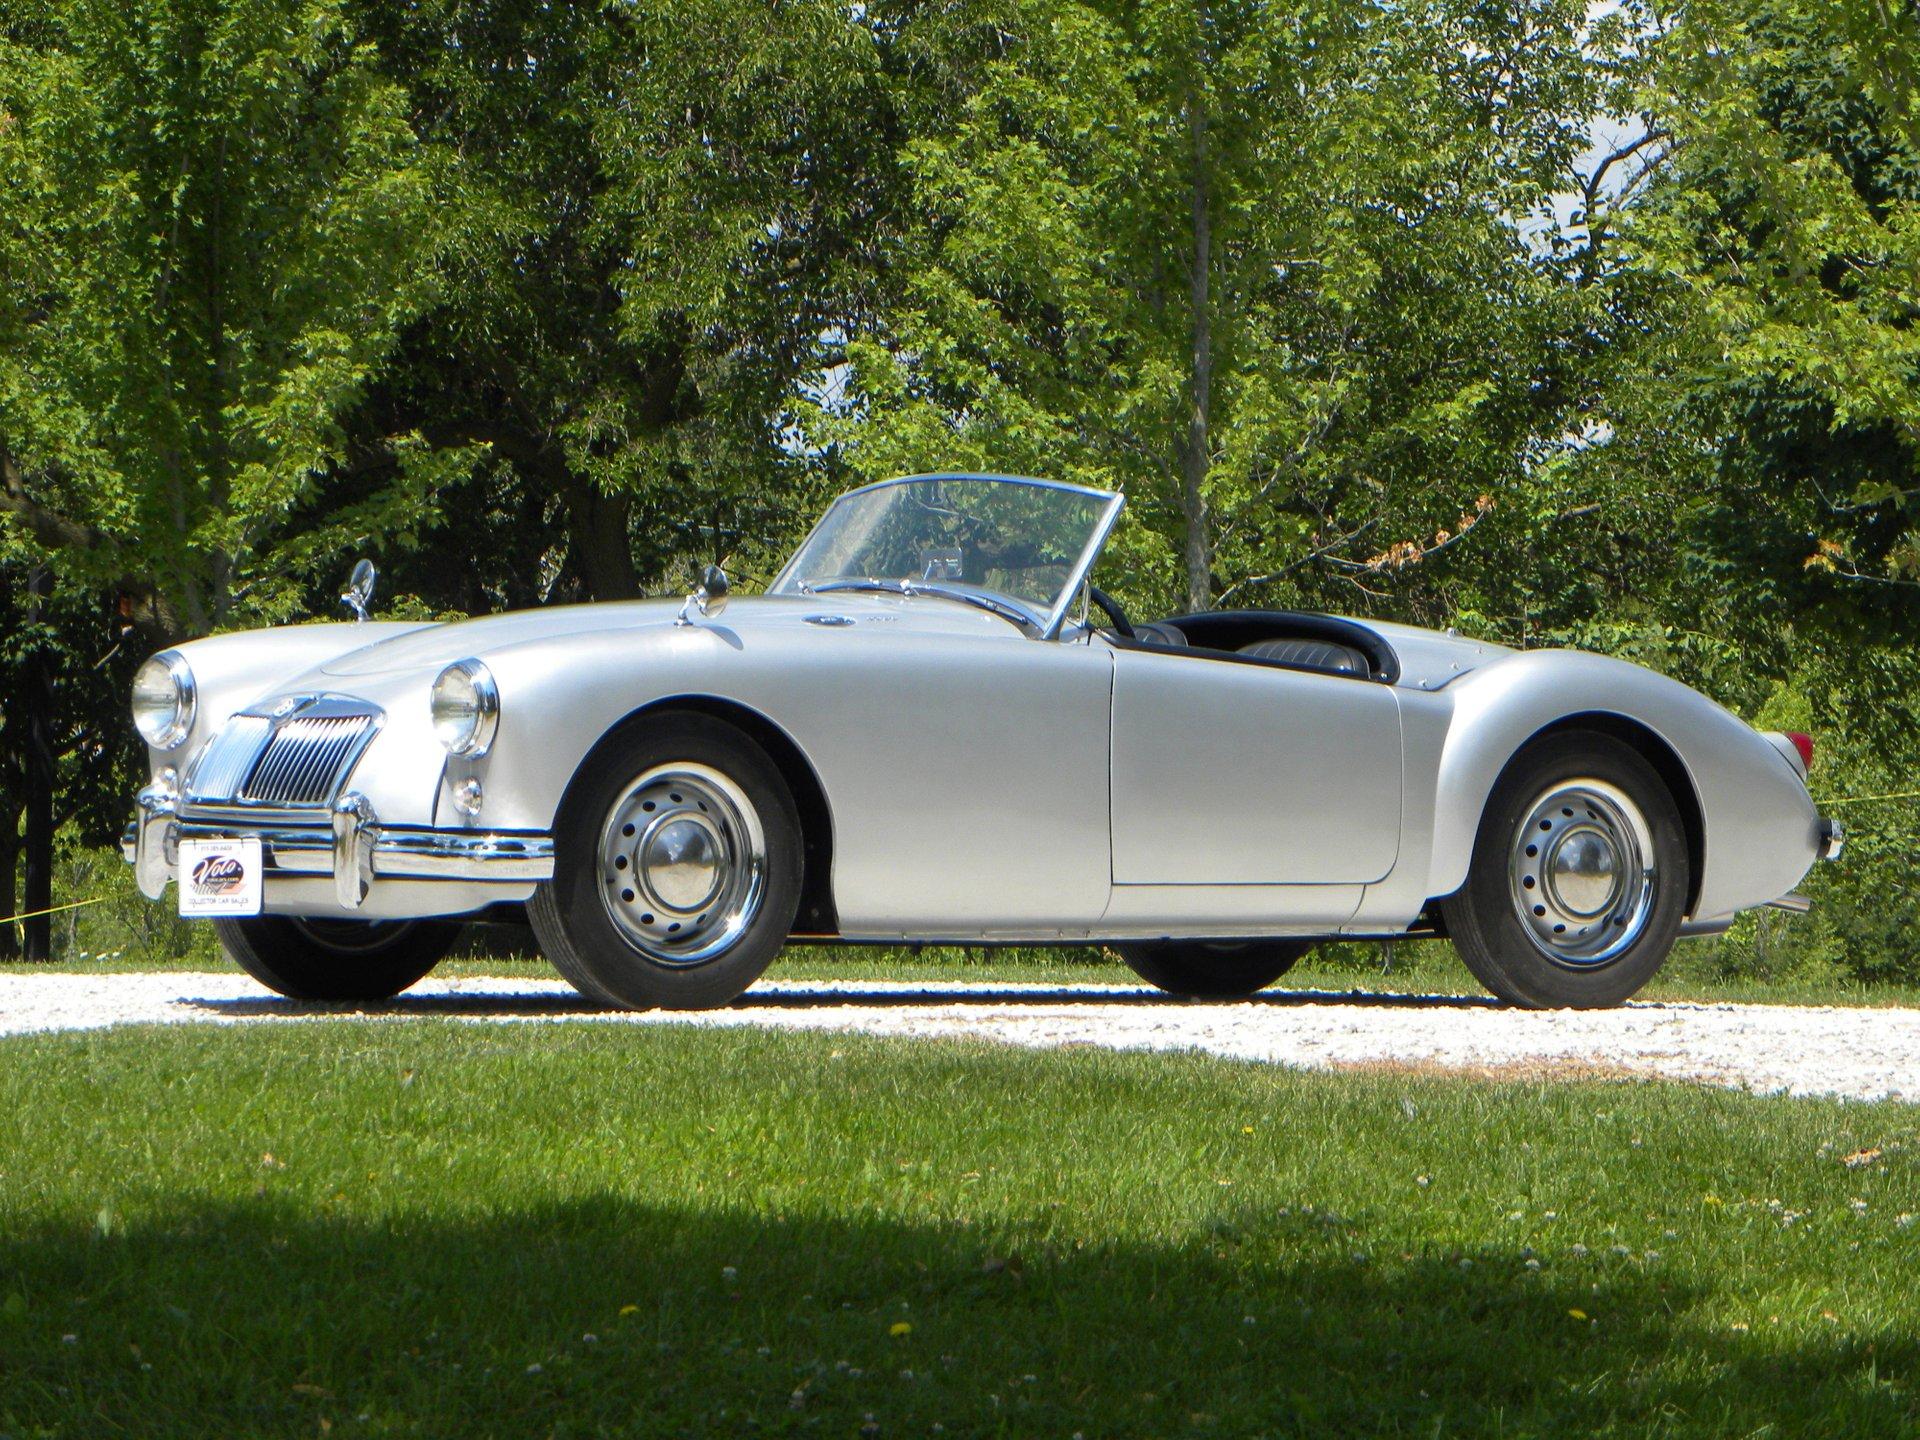 1959 mga 1600 roadster